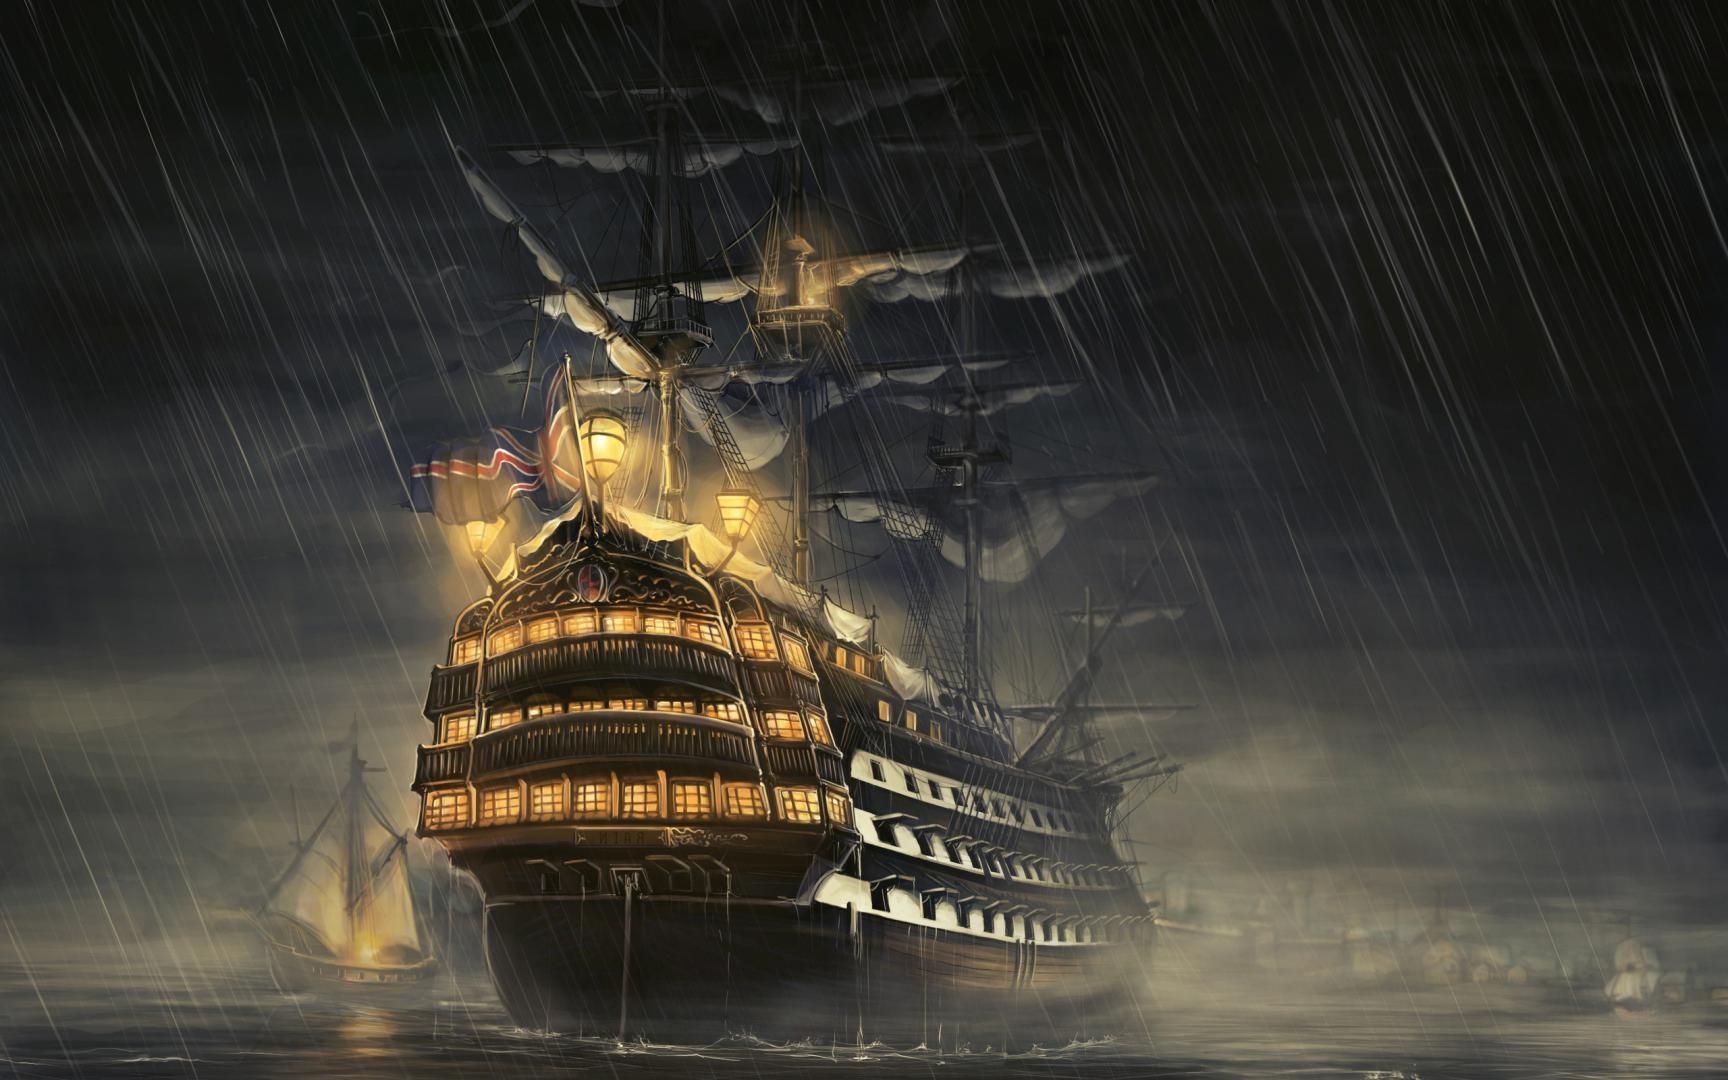 Старый корабль в тумане из мира фэнтези, 2560 на 1600 пикселей